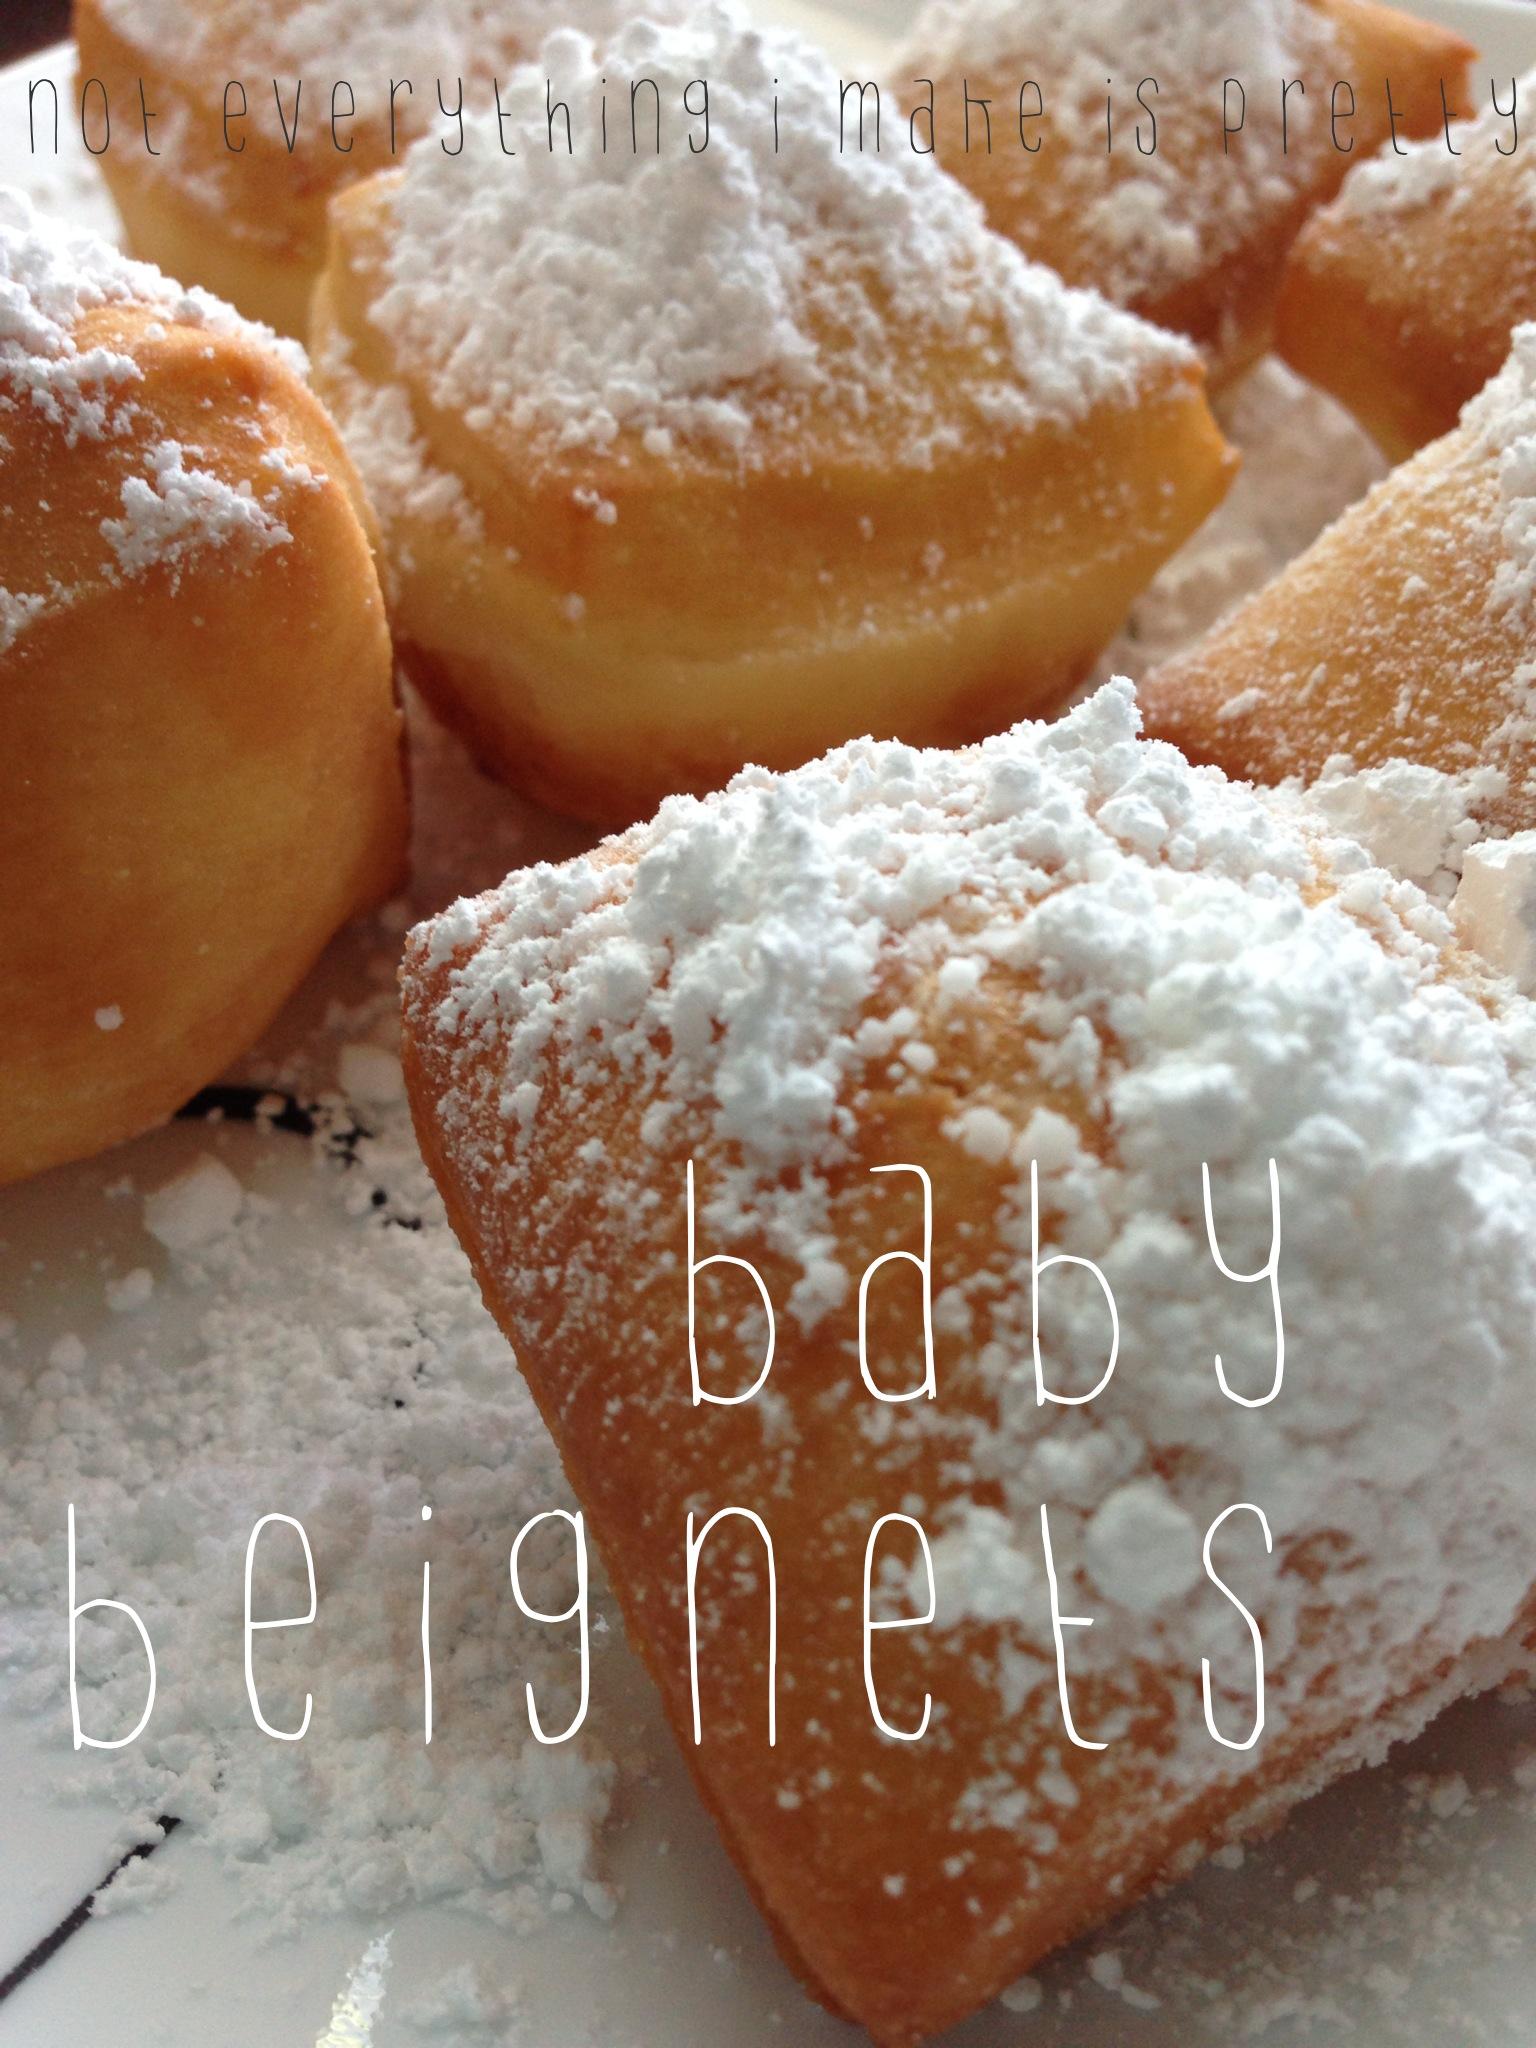 Baby Beignets